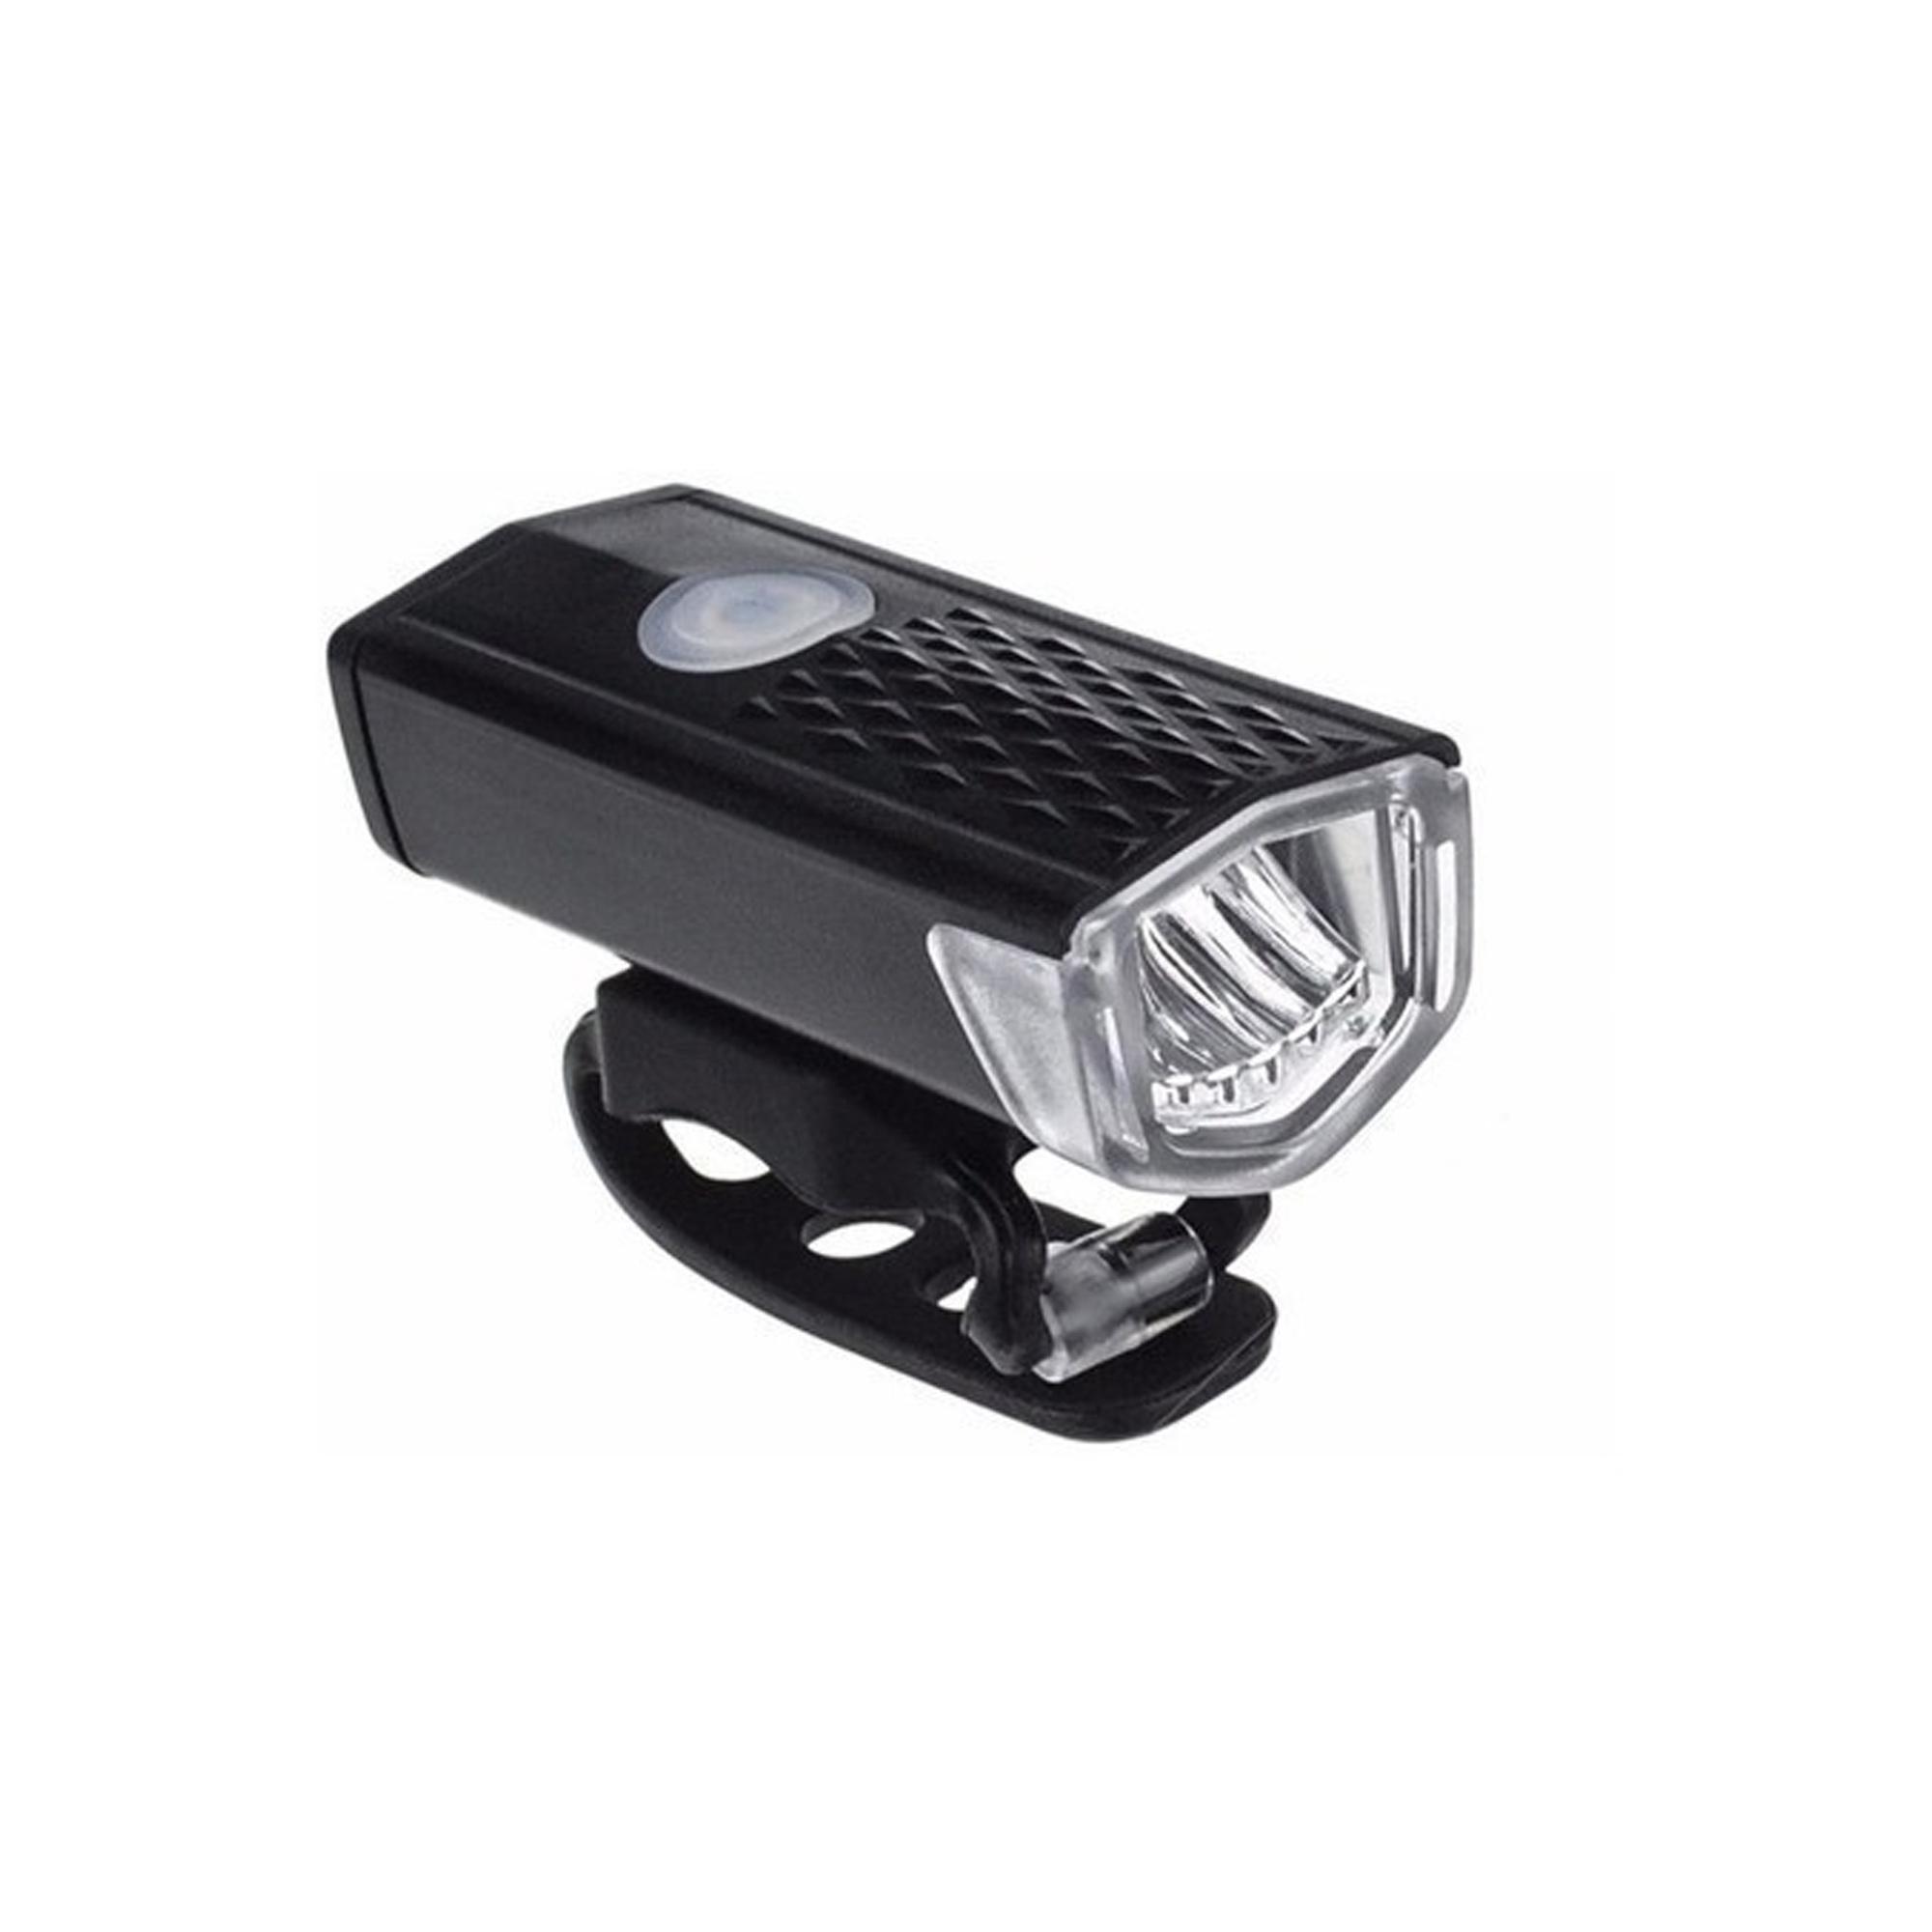 FAROL LED RECAR. 300 LUMENS PTO - JWS/RAYPAL